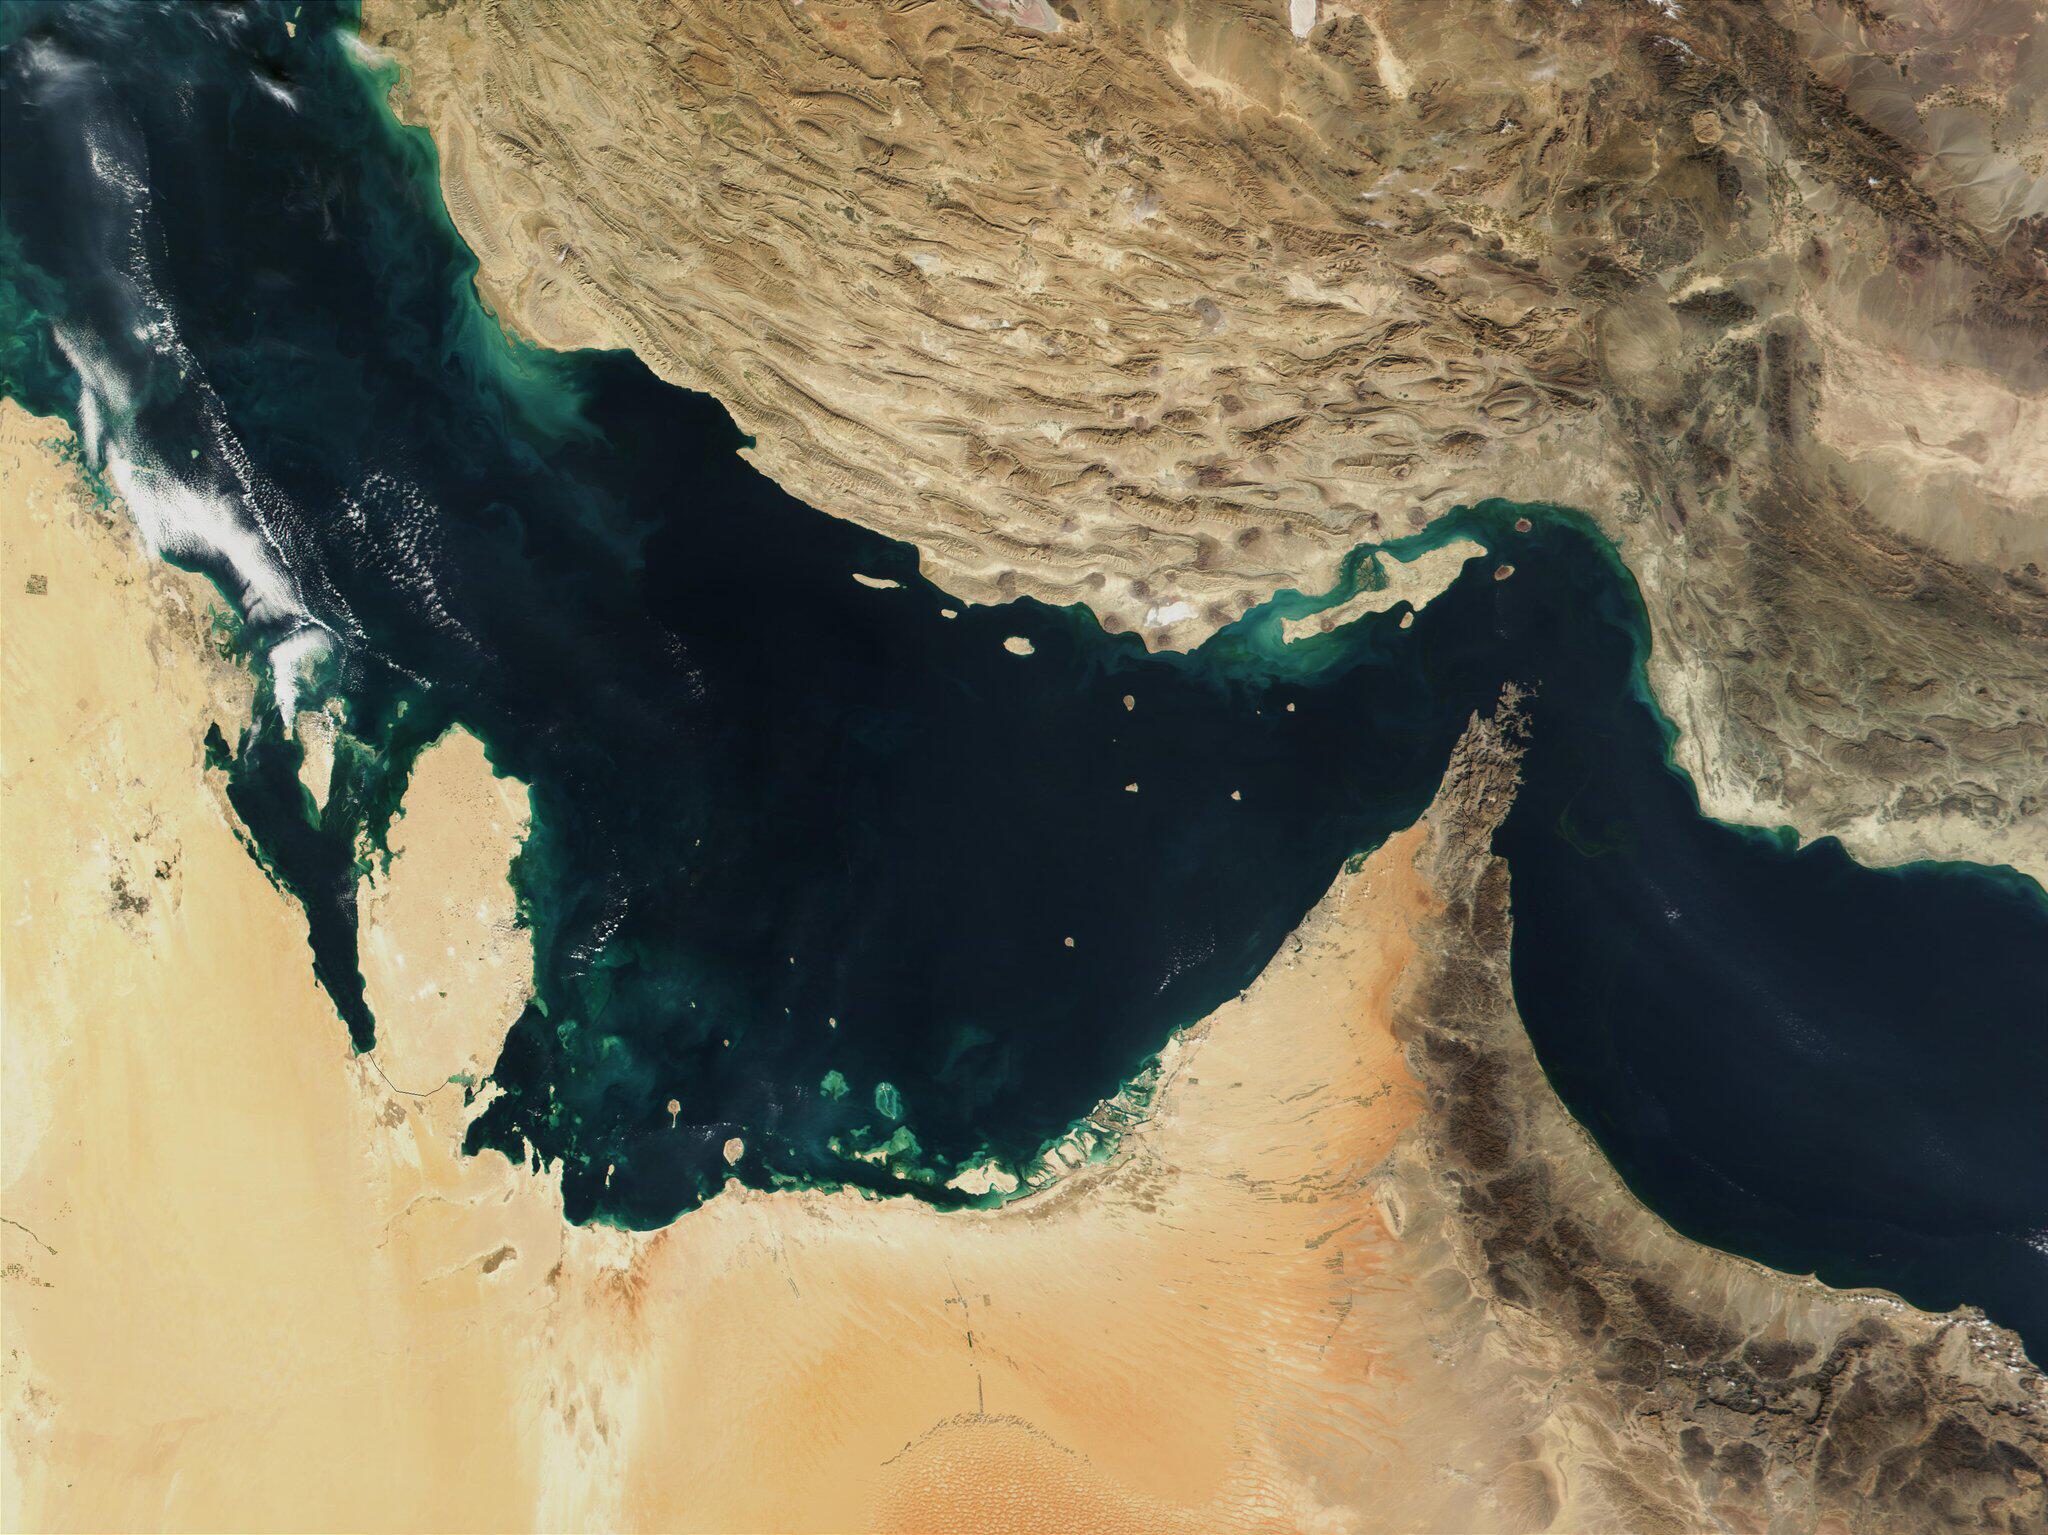 Großbritannien nimmt an US-Mission im Persischen Golf teil